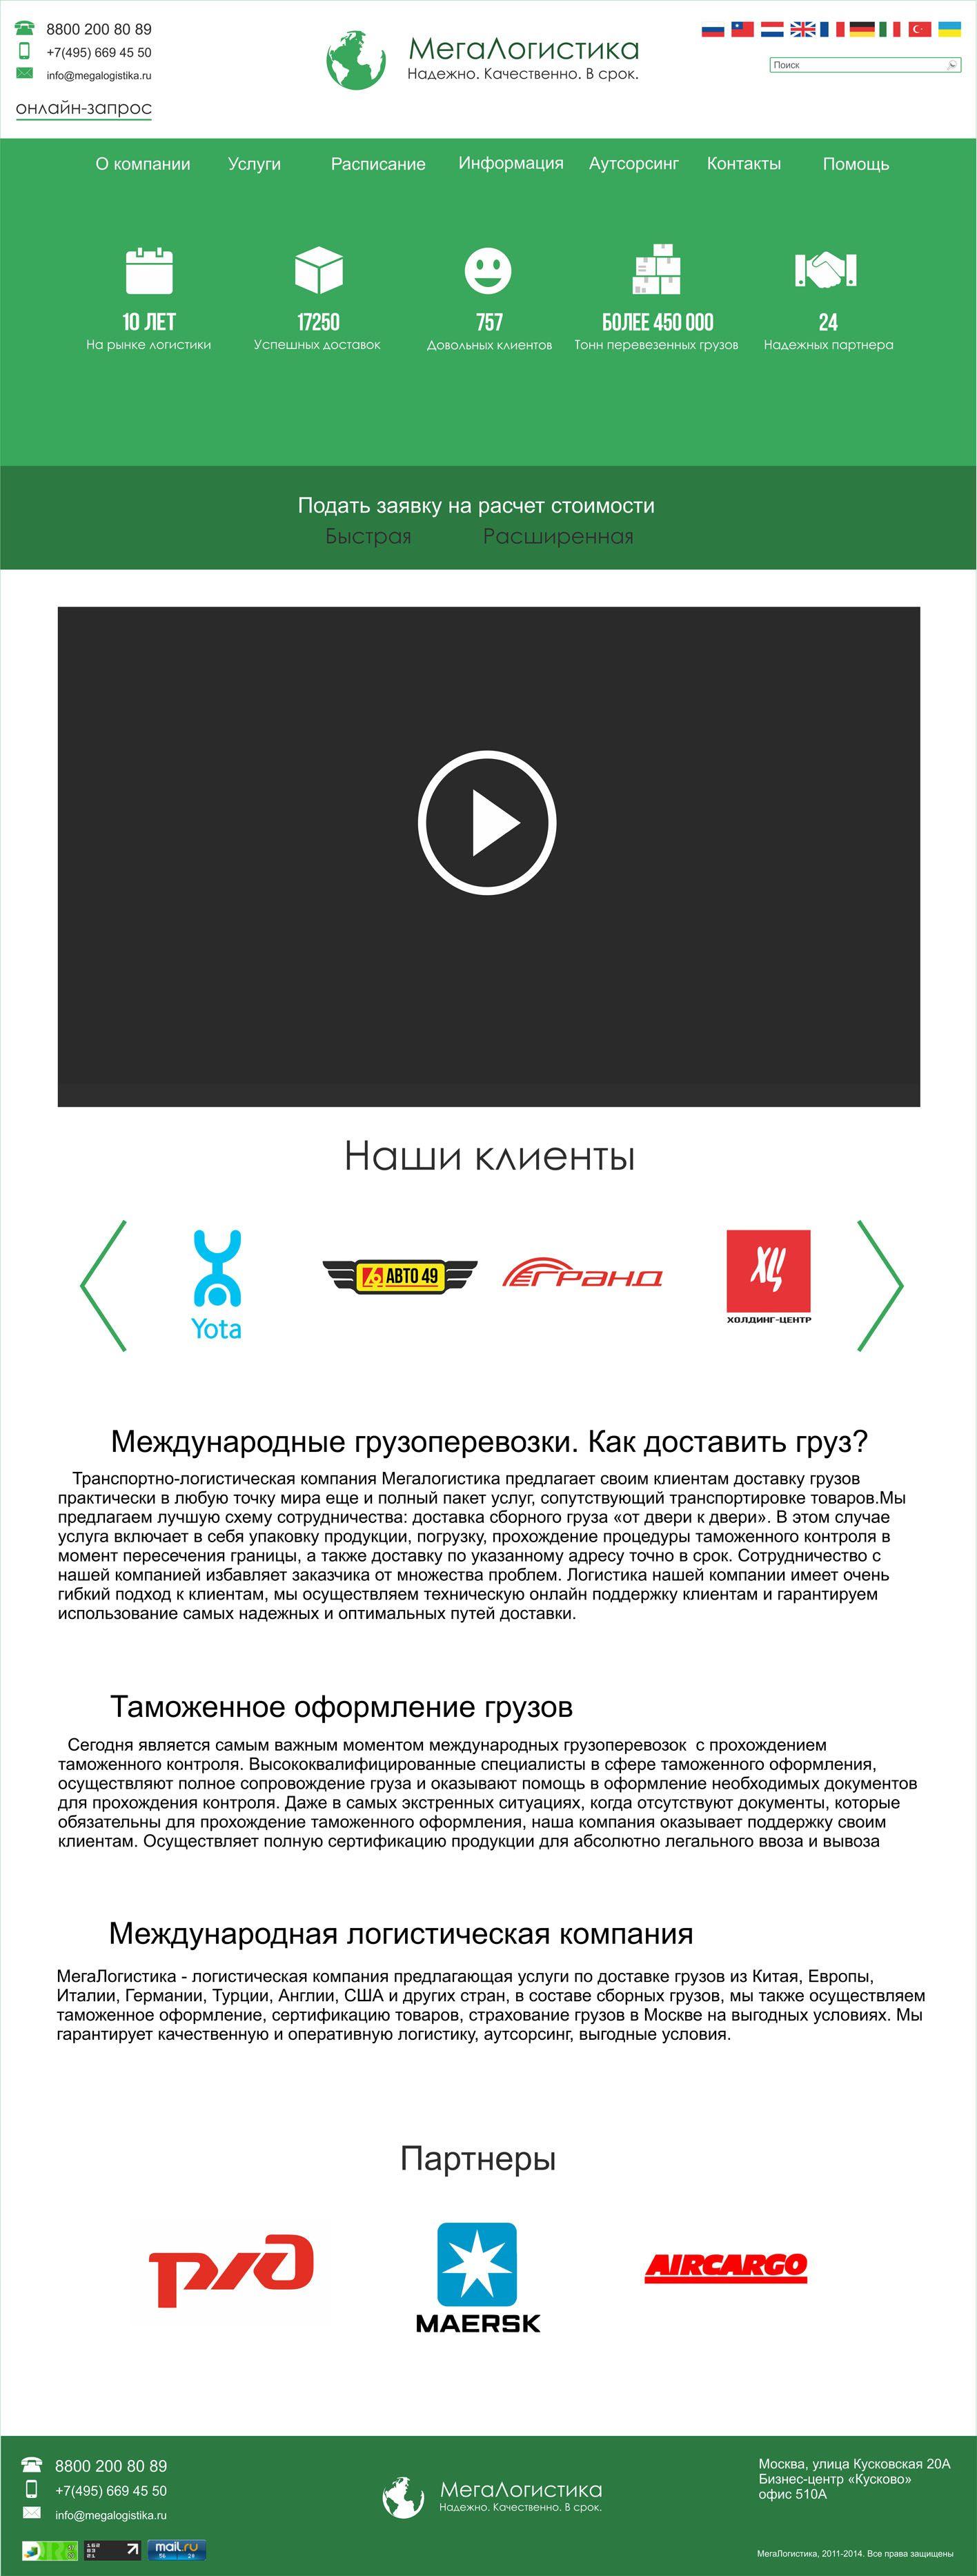 Дизайн сайта логистической компании - дизайнер Ewgene